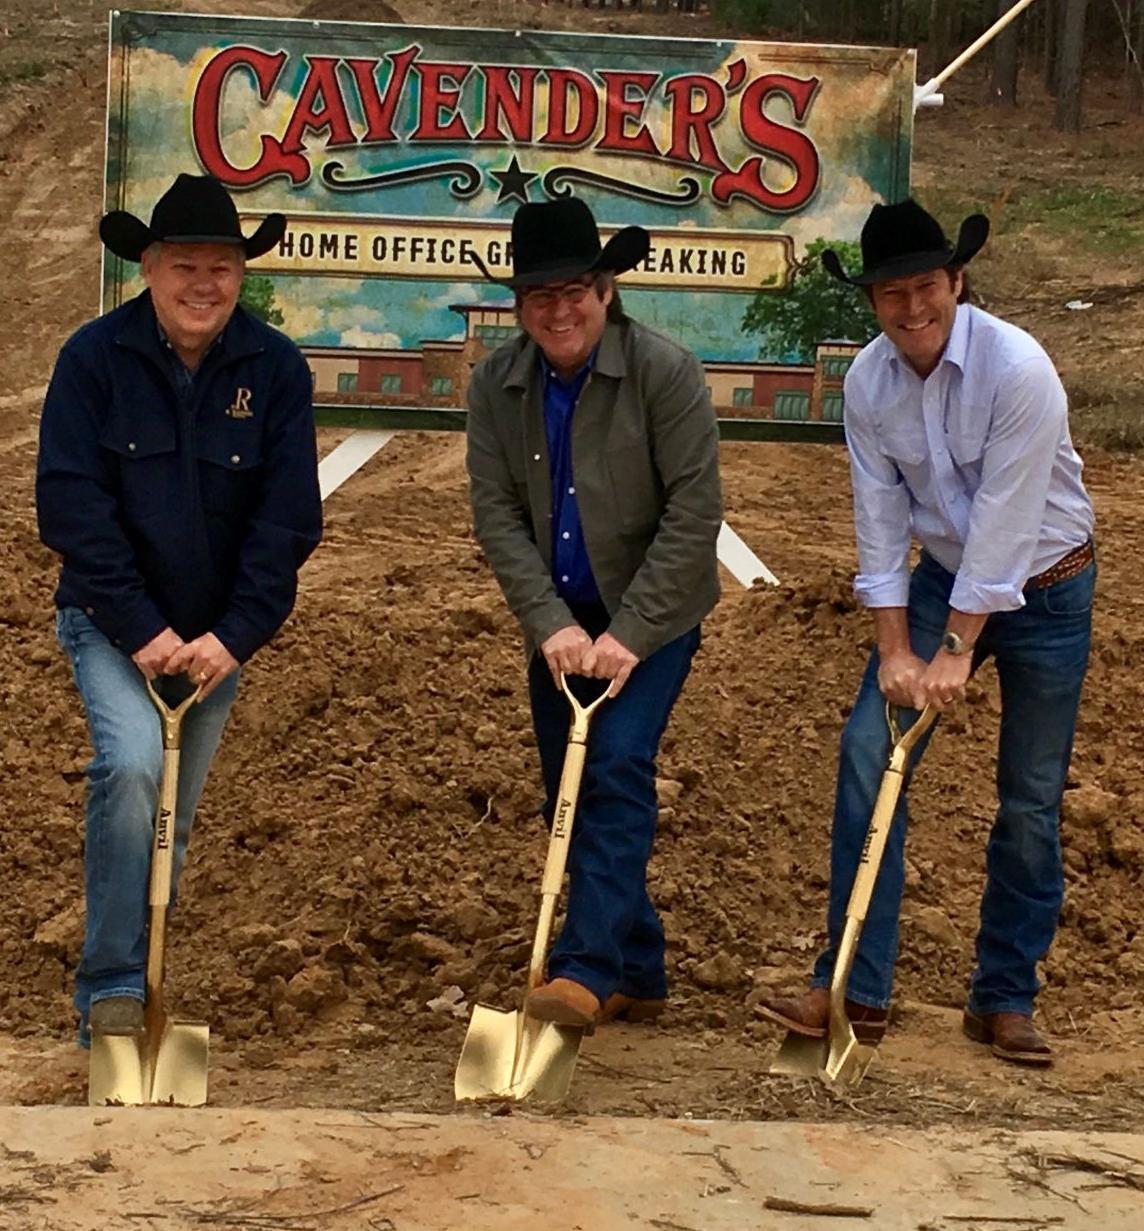 Cavender's groundbreaking